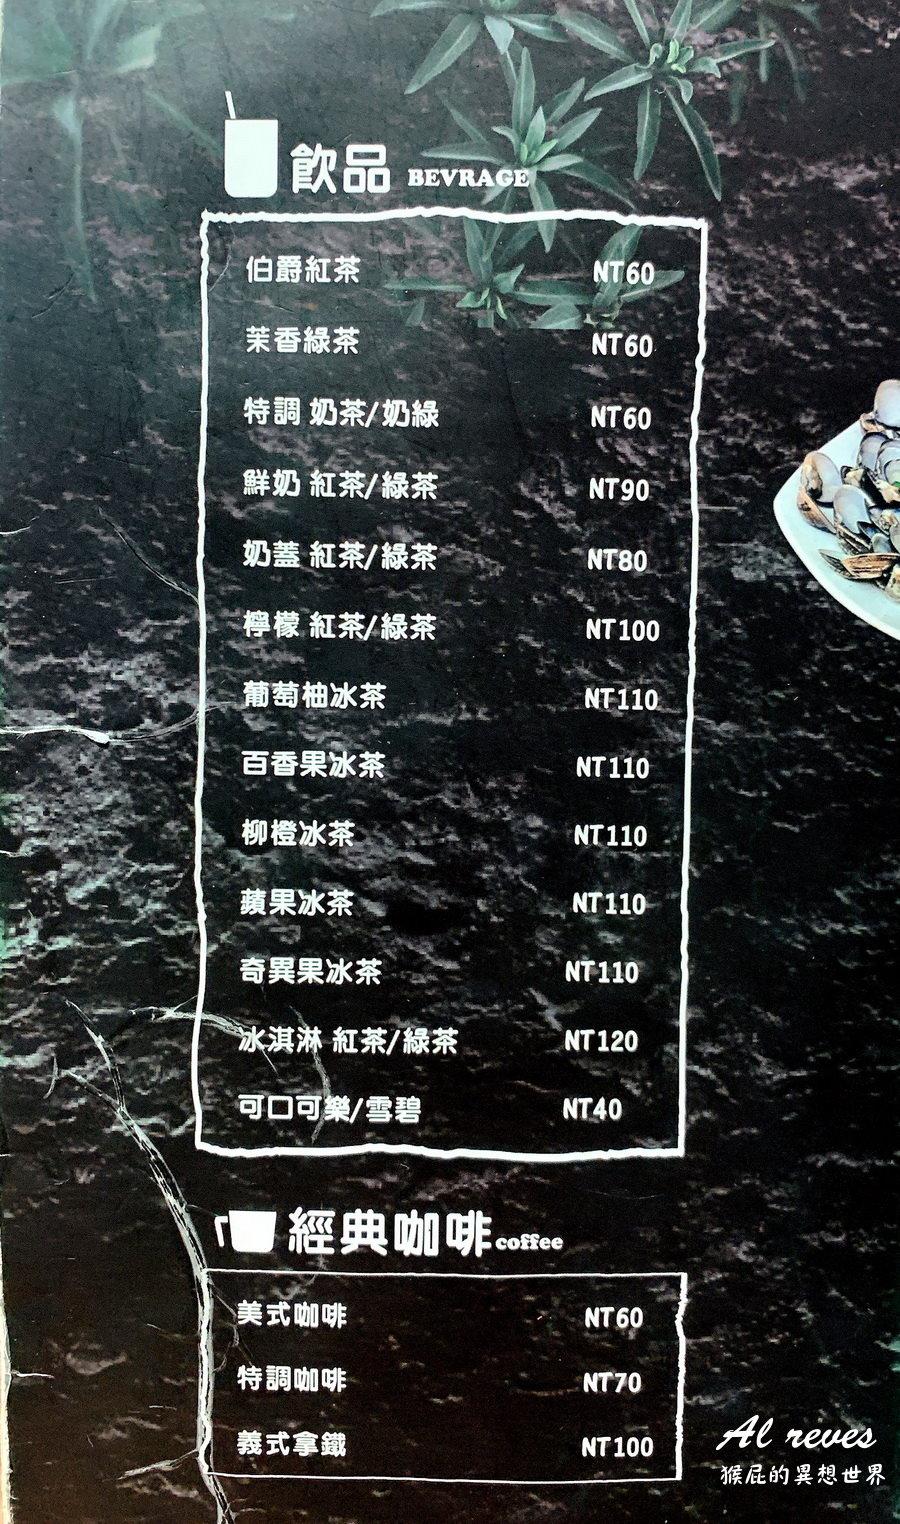 【台北西門】Al revés 顛倒餐廳:痛風蛤蜊義大利麵蛤蠣爆炸多!西門町網美餐廳。IG打卡還可以折70元! @猴屁的異想世界